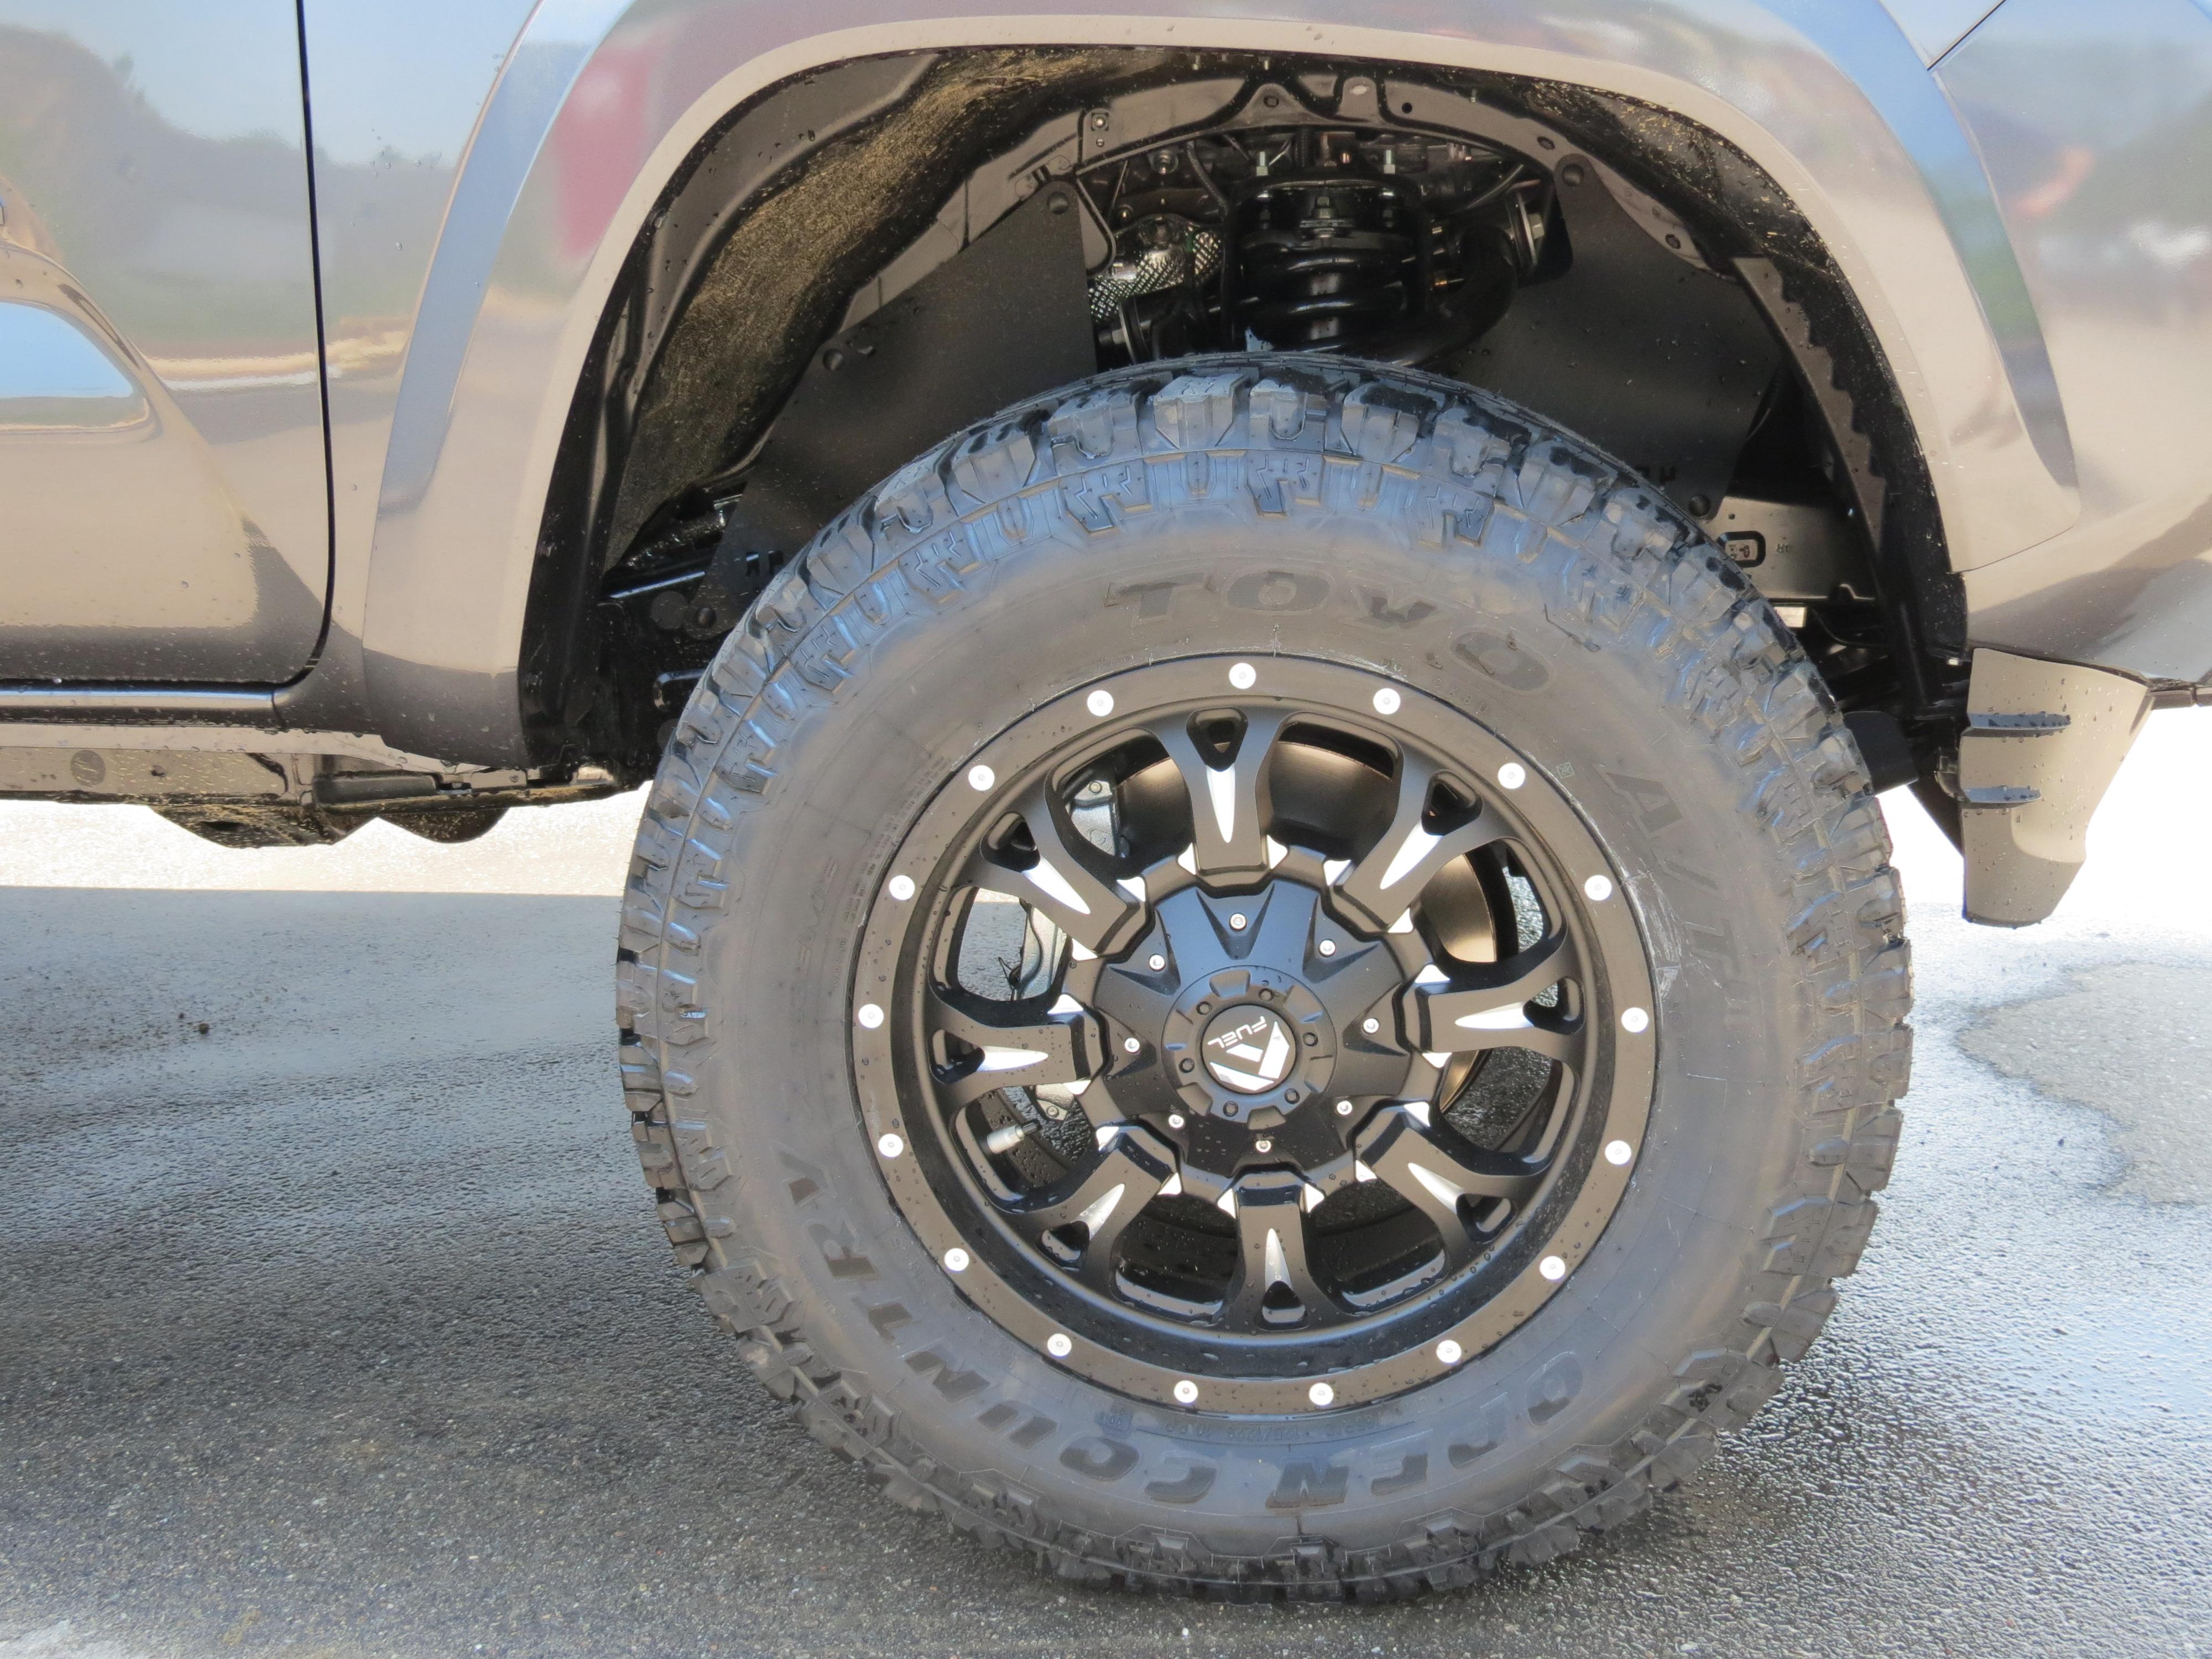 Irwin Toyota Blog | Irwin Toyota Blog | News, Updates, and Info